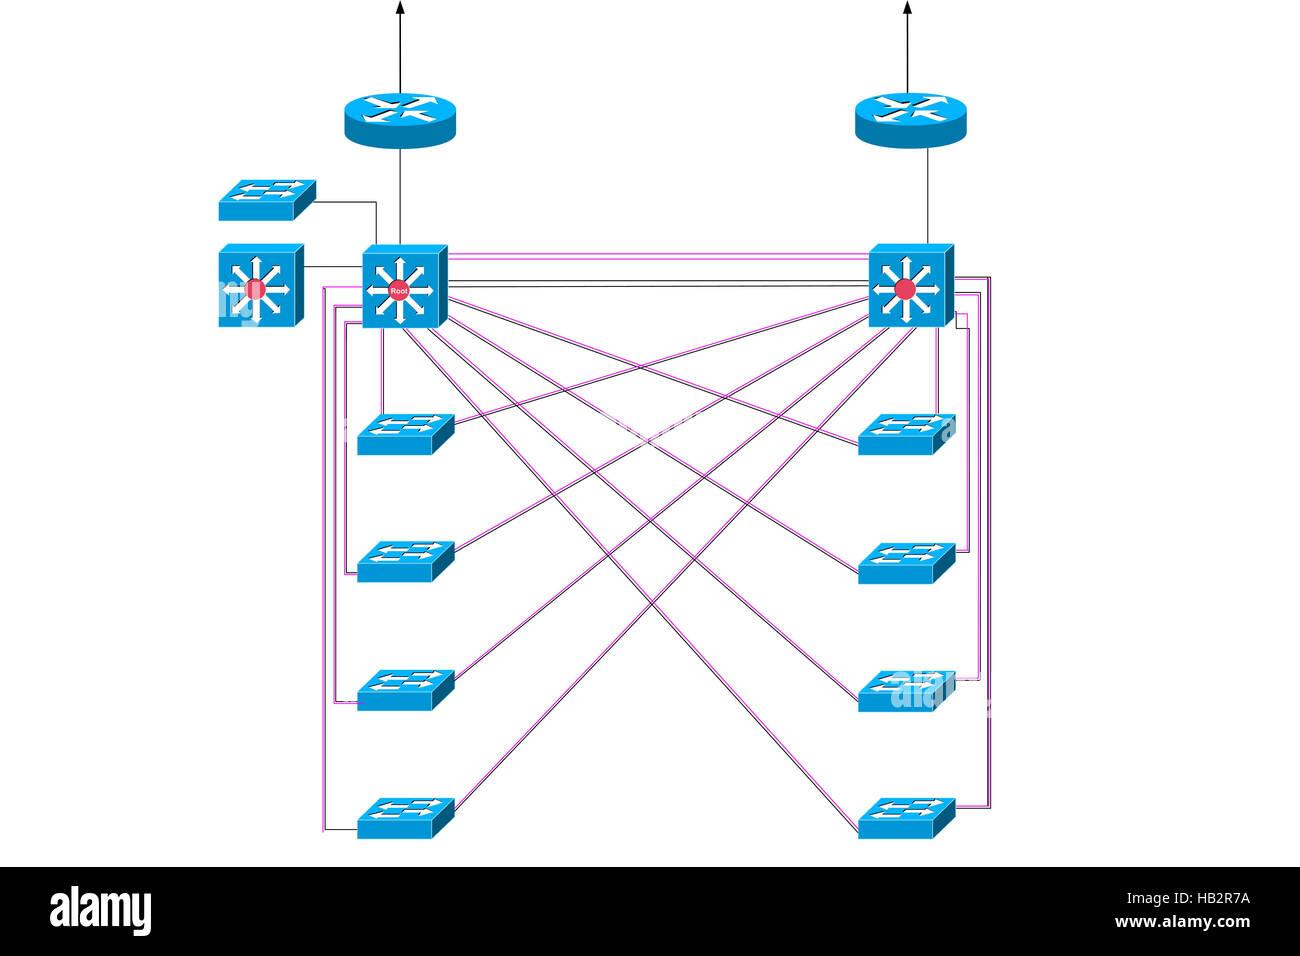 Schema Cablaggio Rete : Netzwerkverbindung immagini & netzwerkverbindung fotos stock alamy